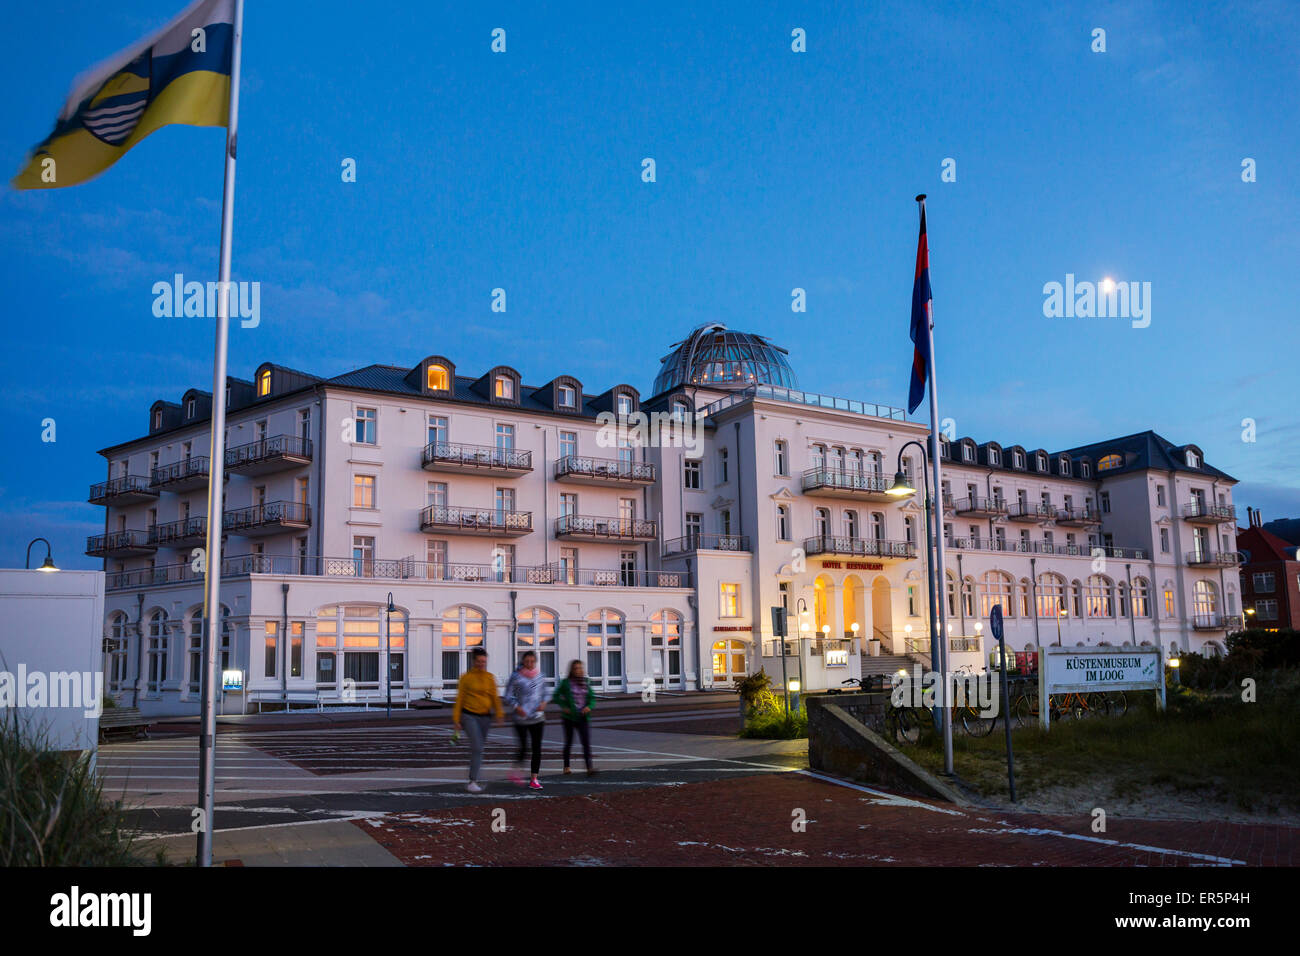 Wellnesshotel in der abendd mmerung insel juist nationalpark nordsee ostfriesischen inseln for Hotels insel juist nordsee